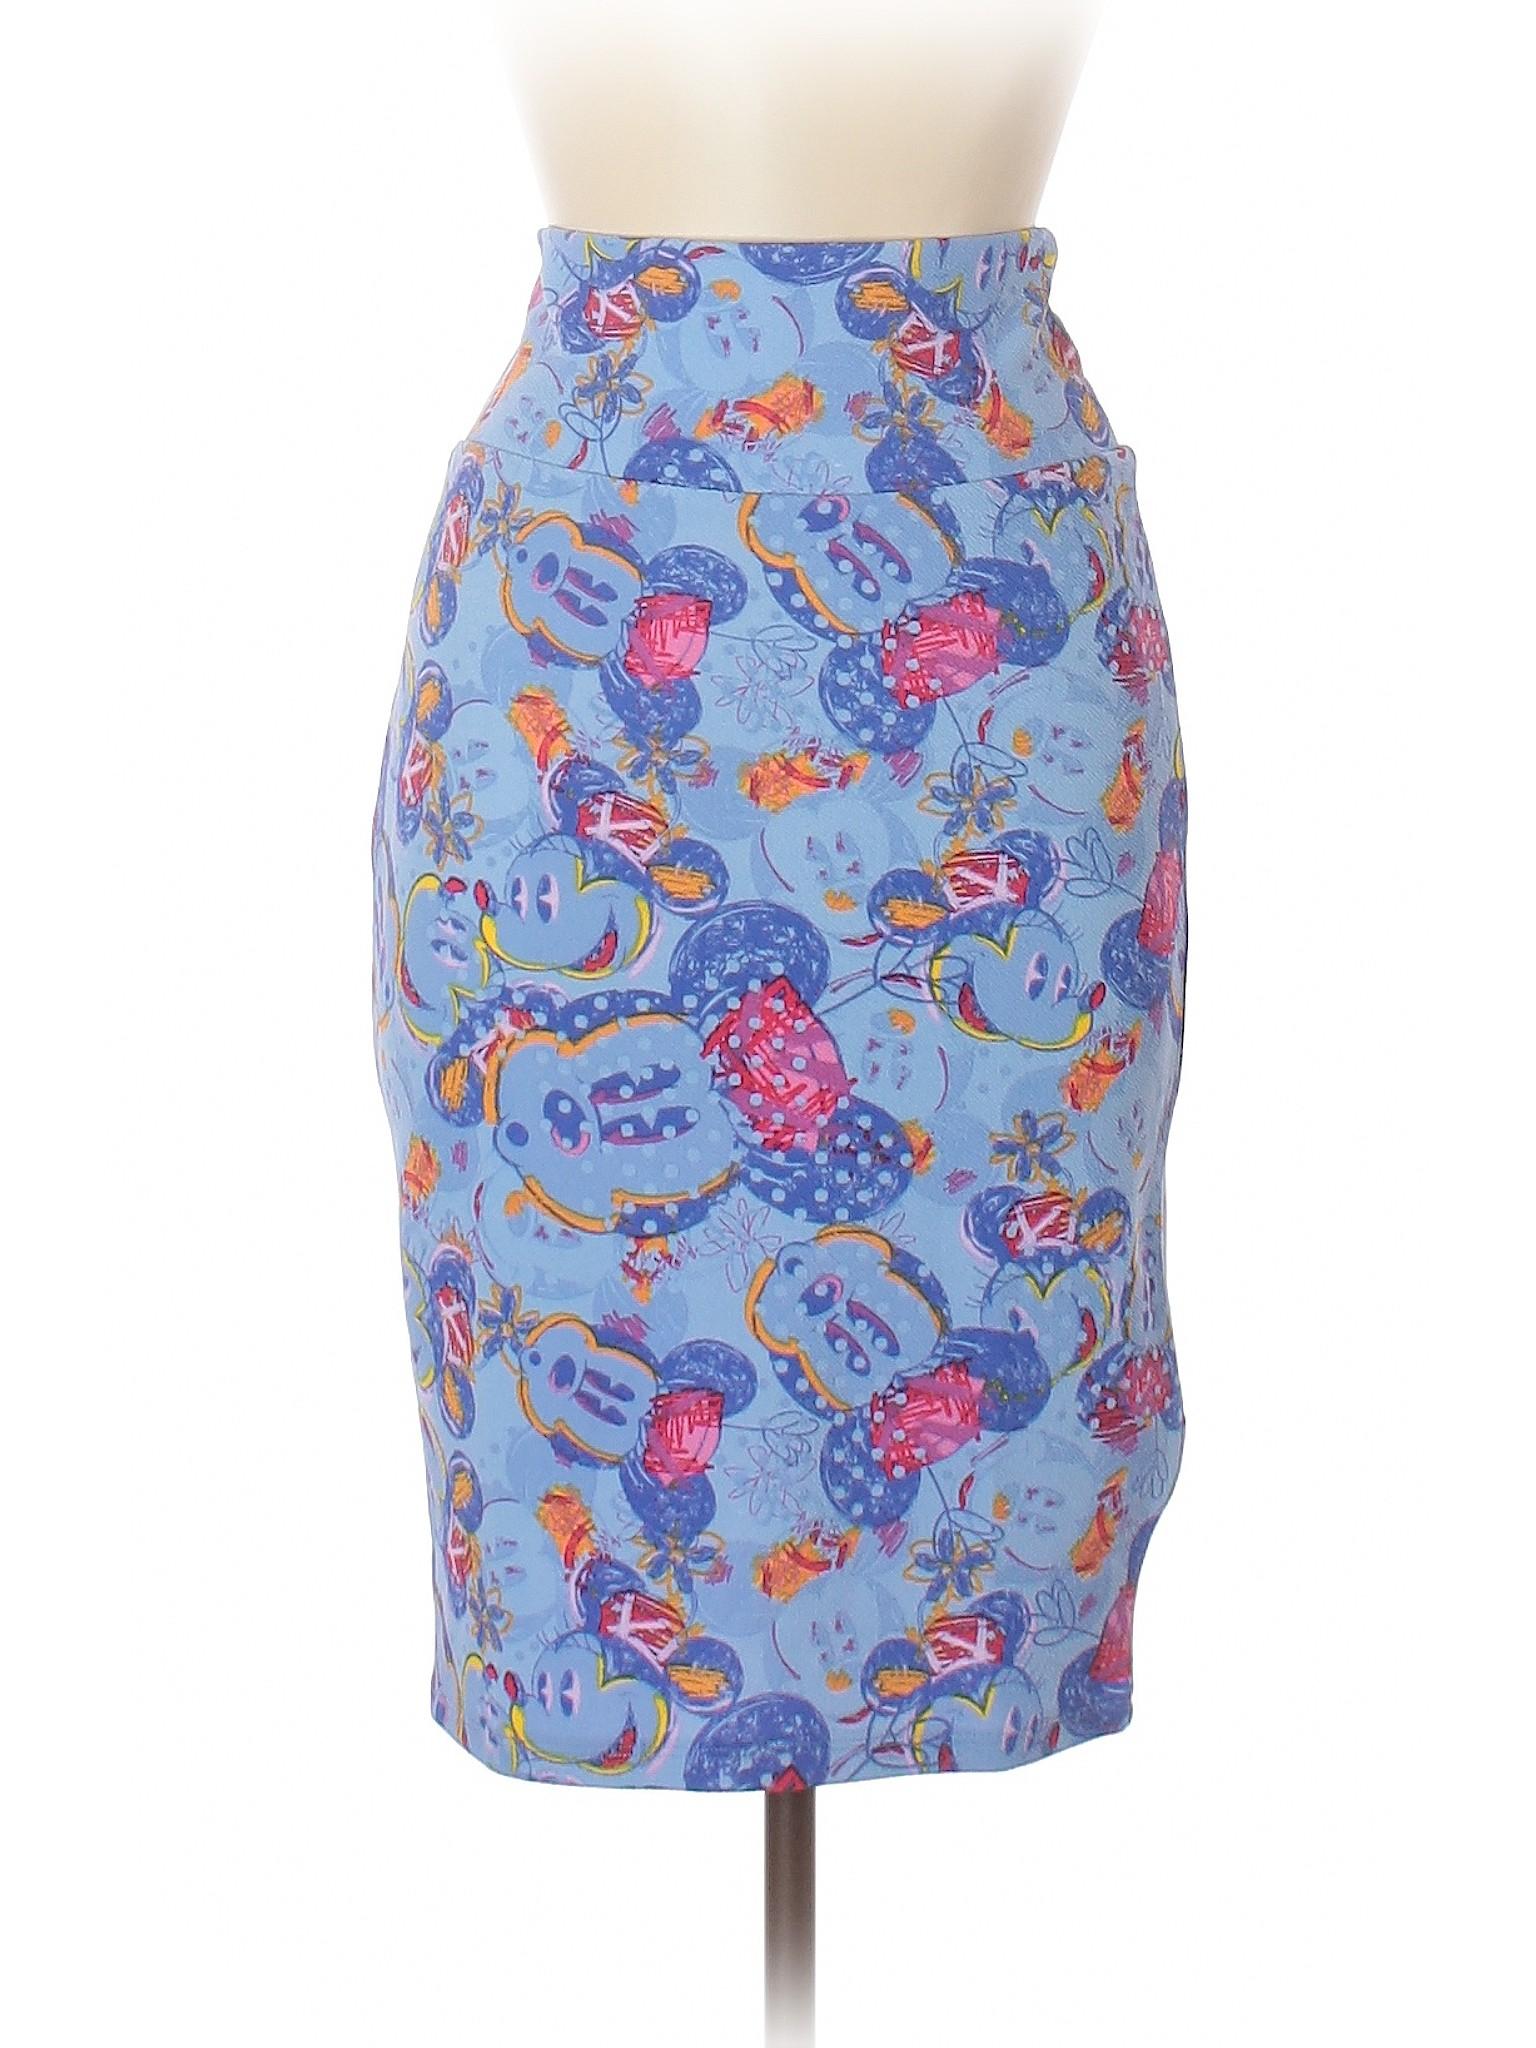 Casual Casual Casual Boutique Skirt Boutique Lularoe Lularoe Skirt Boutique Skirt Lularoe Boutique fYqZwwH0